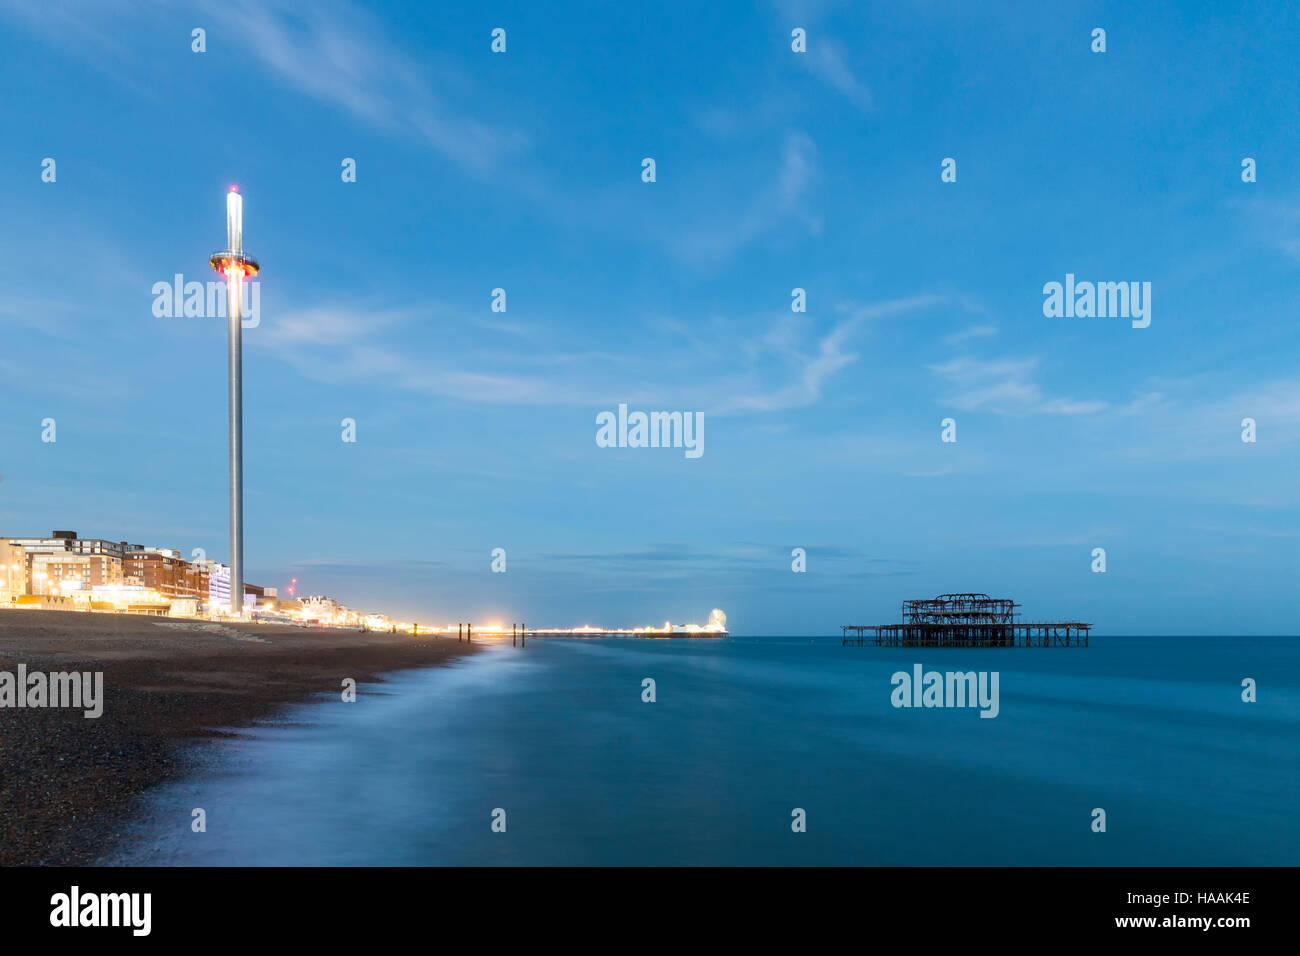 Foto notturna della Skyline di Brighton con il vecchio molo Ovest, Molo Centrale con fiera del divertimento luci Immagini Stock